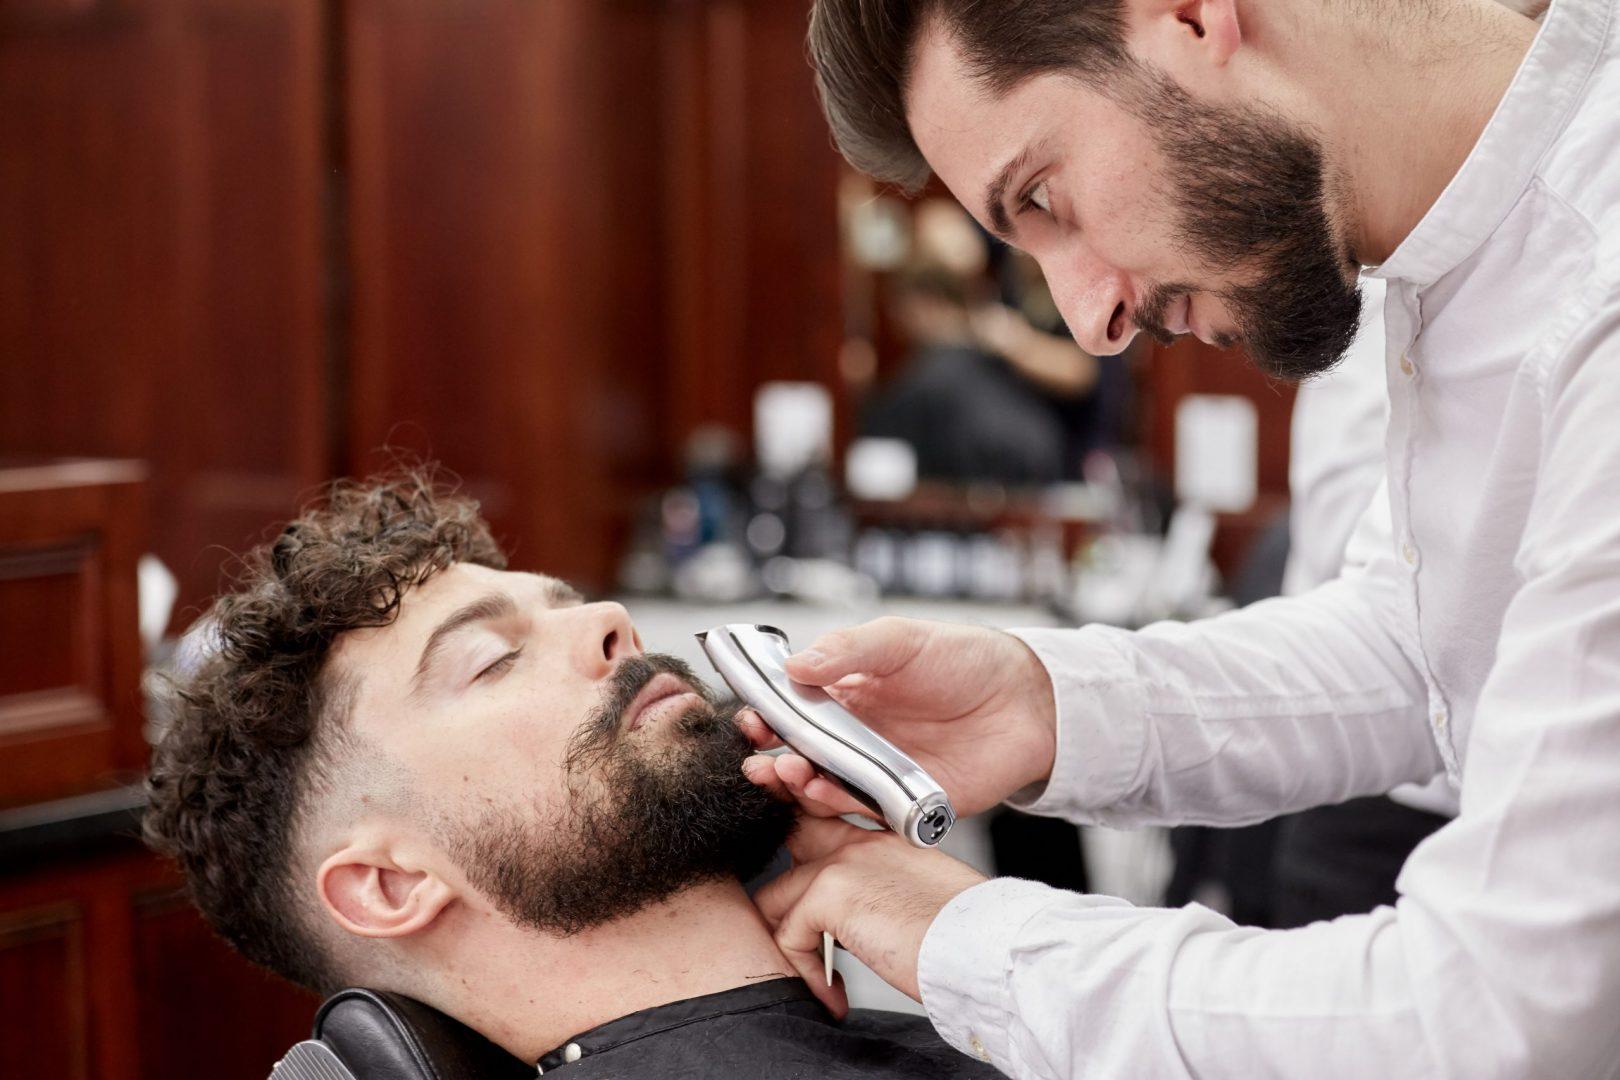 Beard | Beard Styling | Best Beard Styles - best Barbers London barbers Baker Street